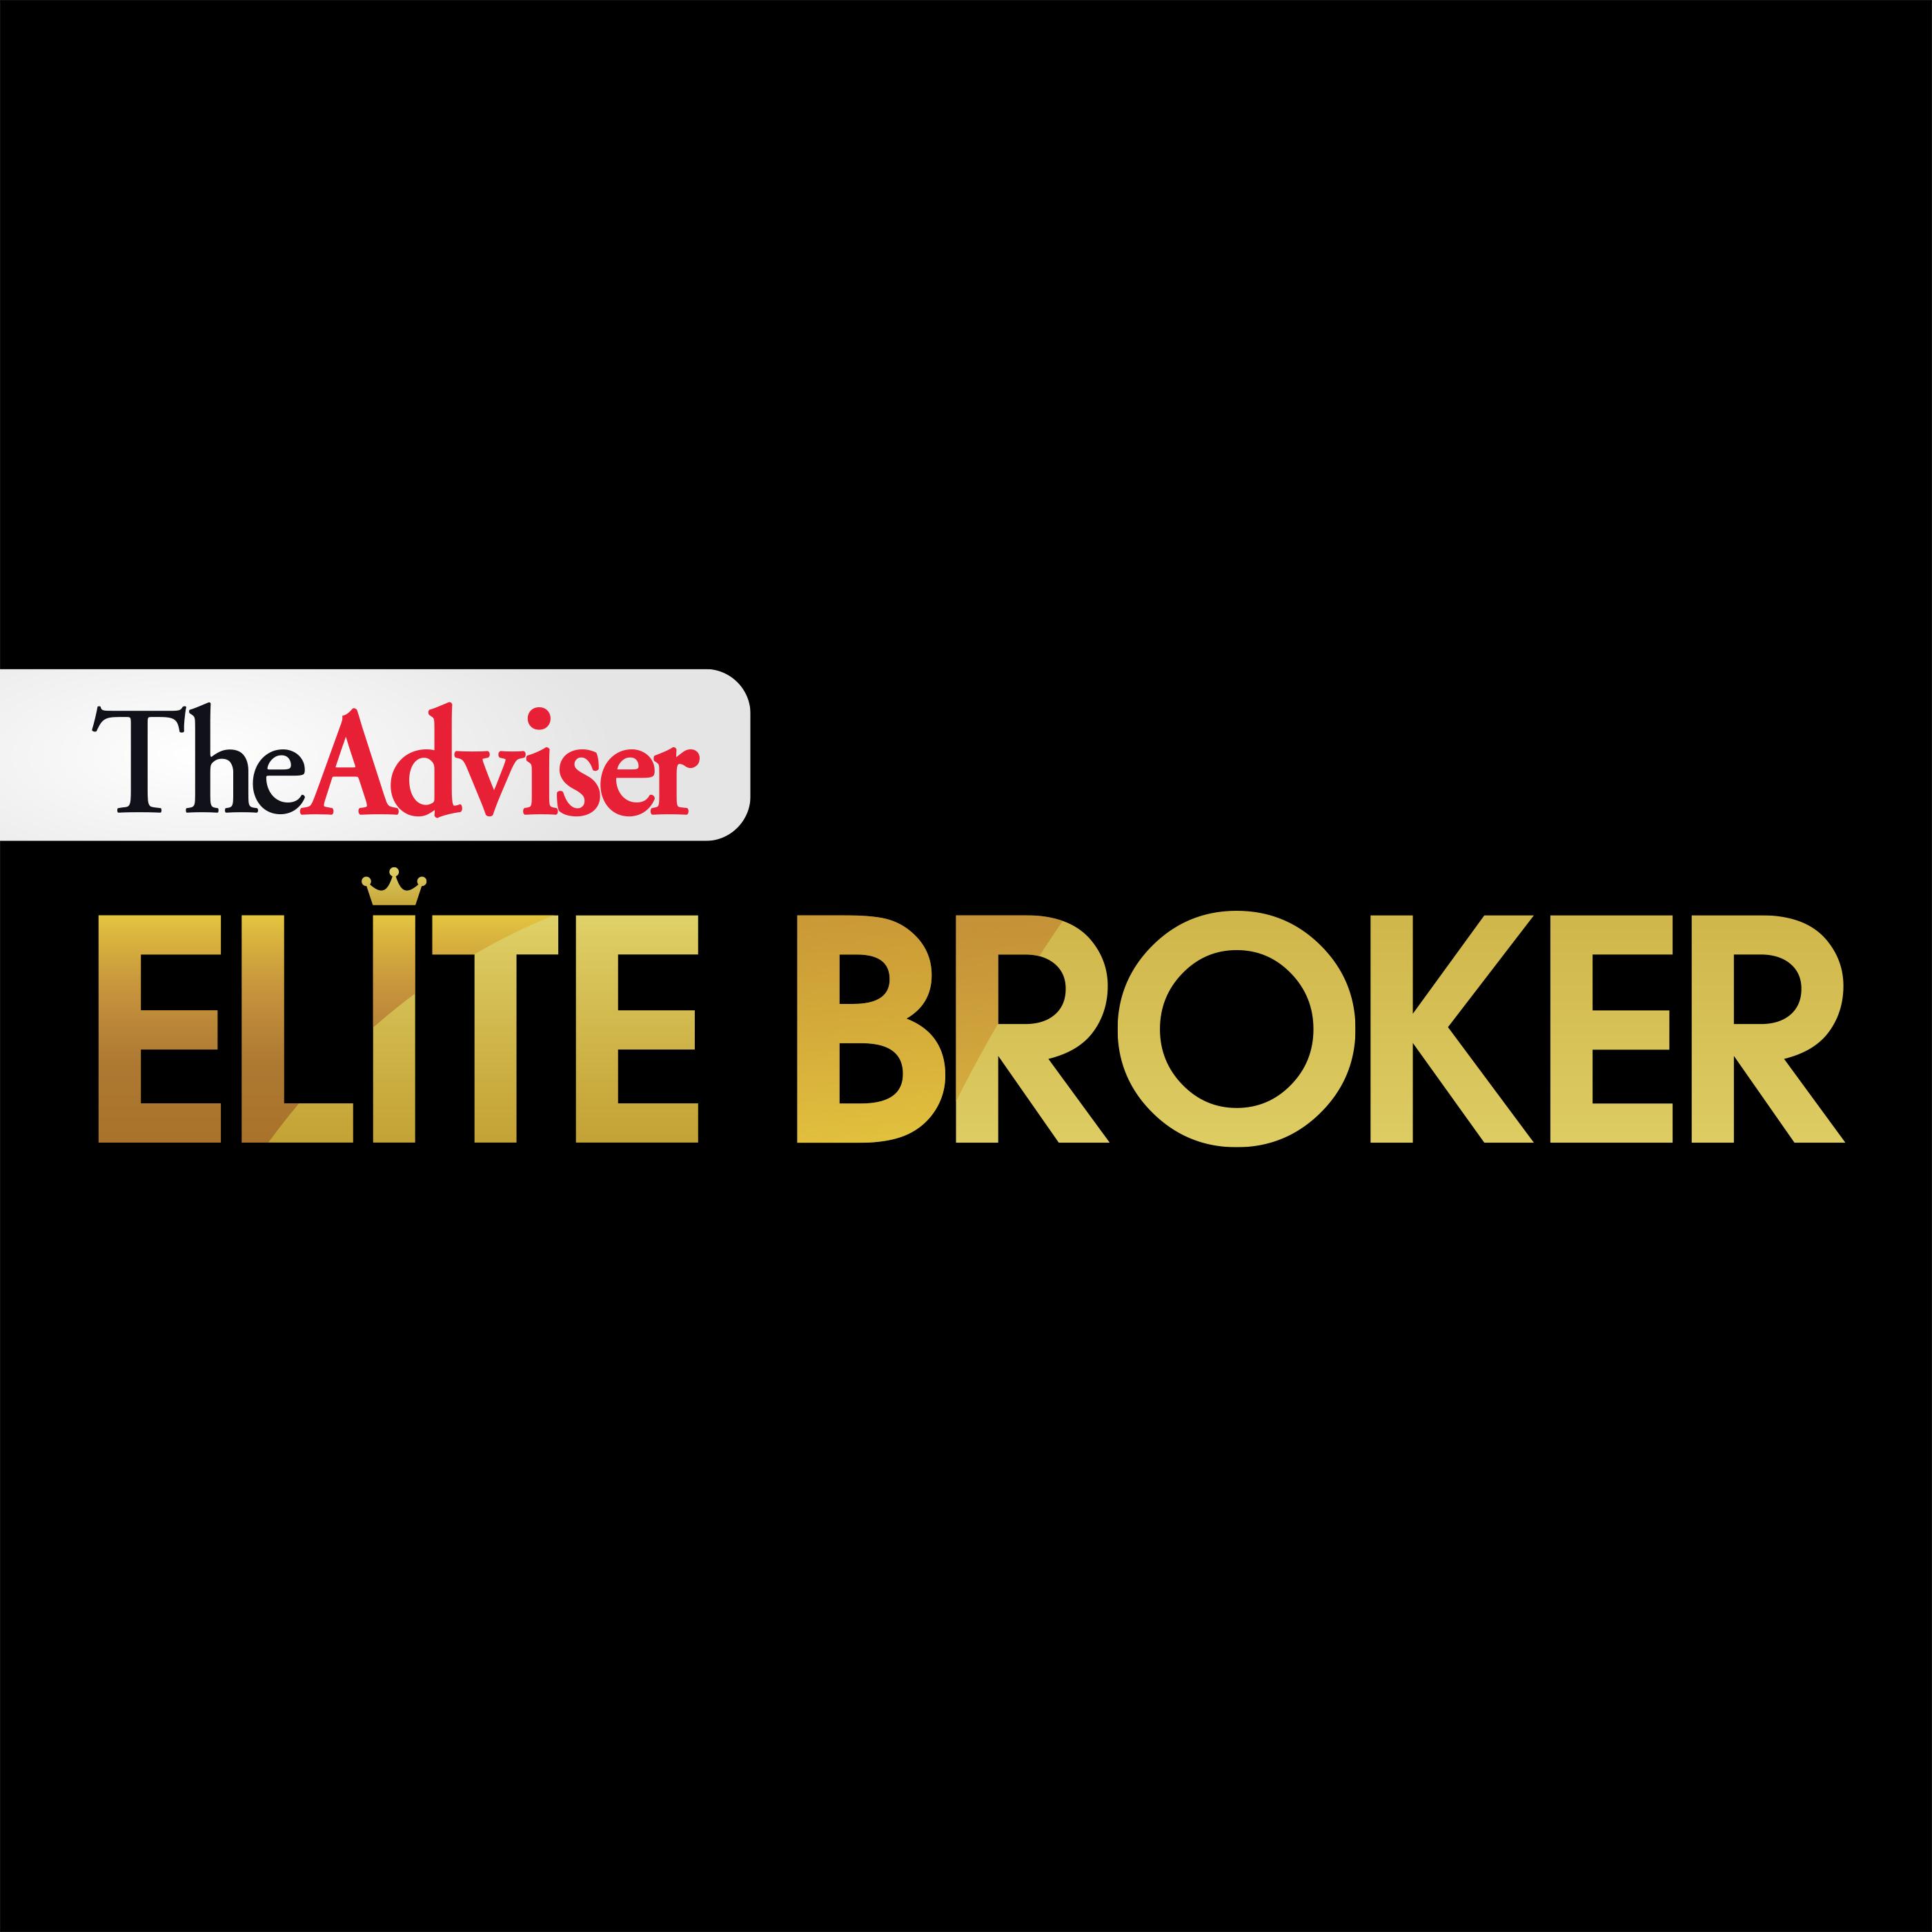 The Adviser: Elite Broker